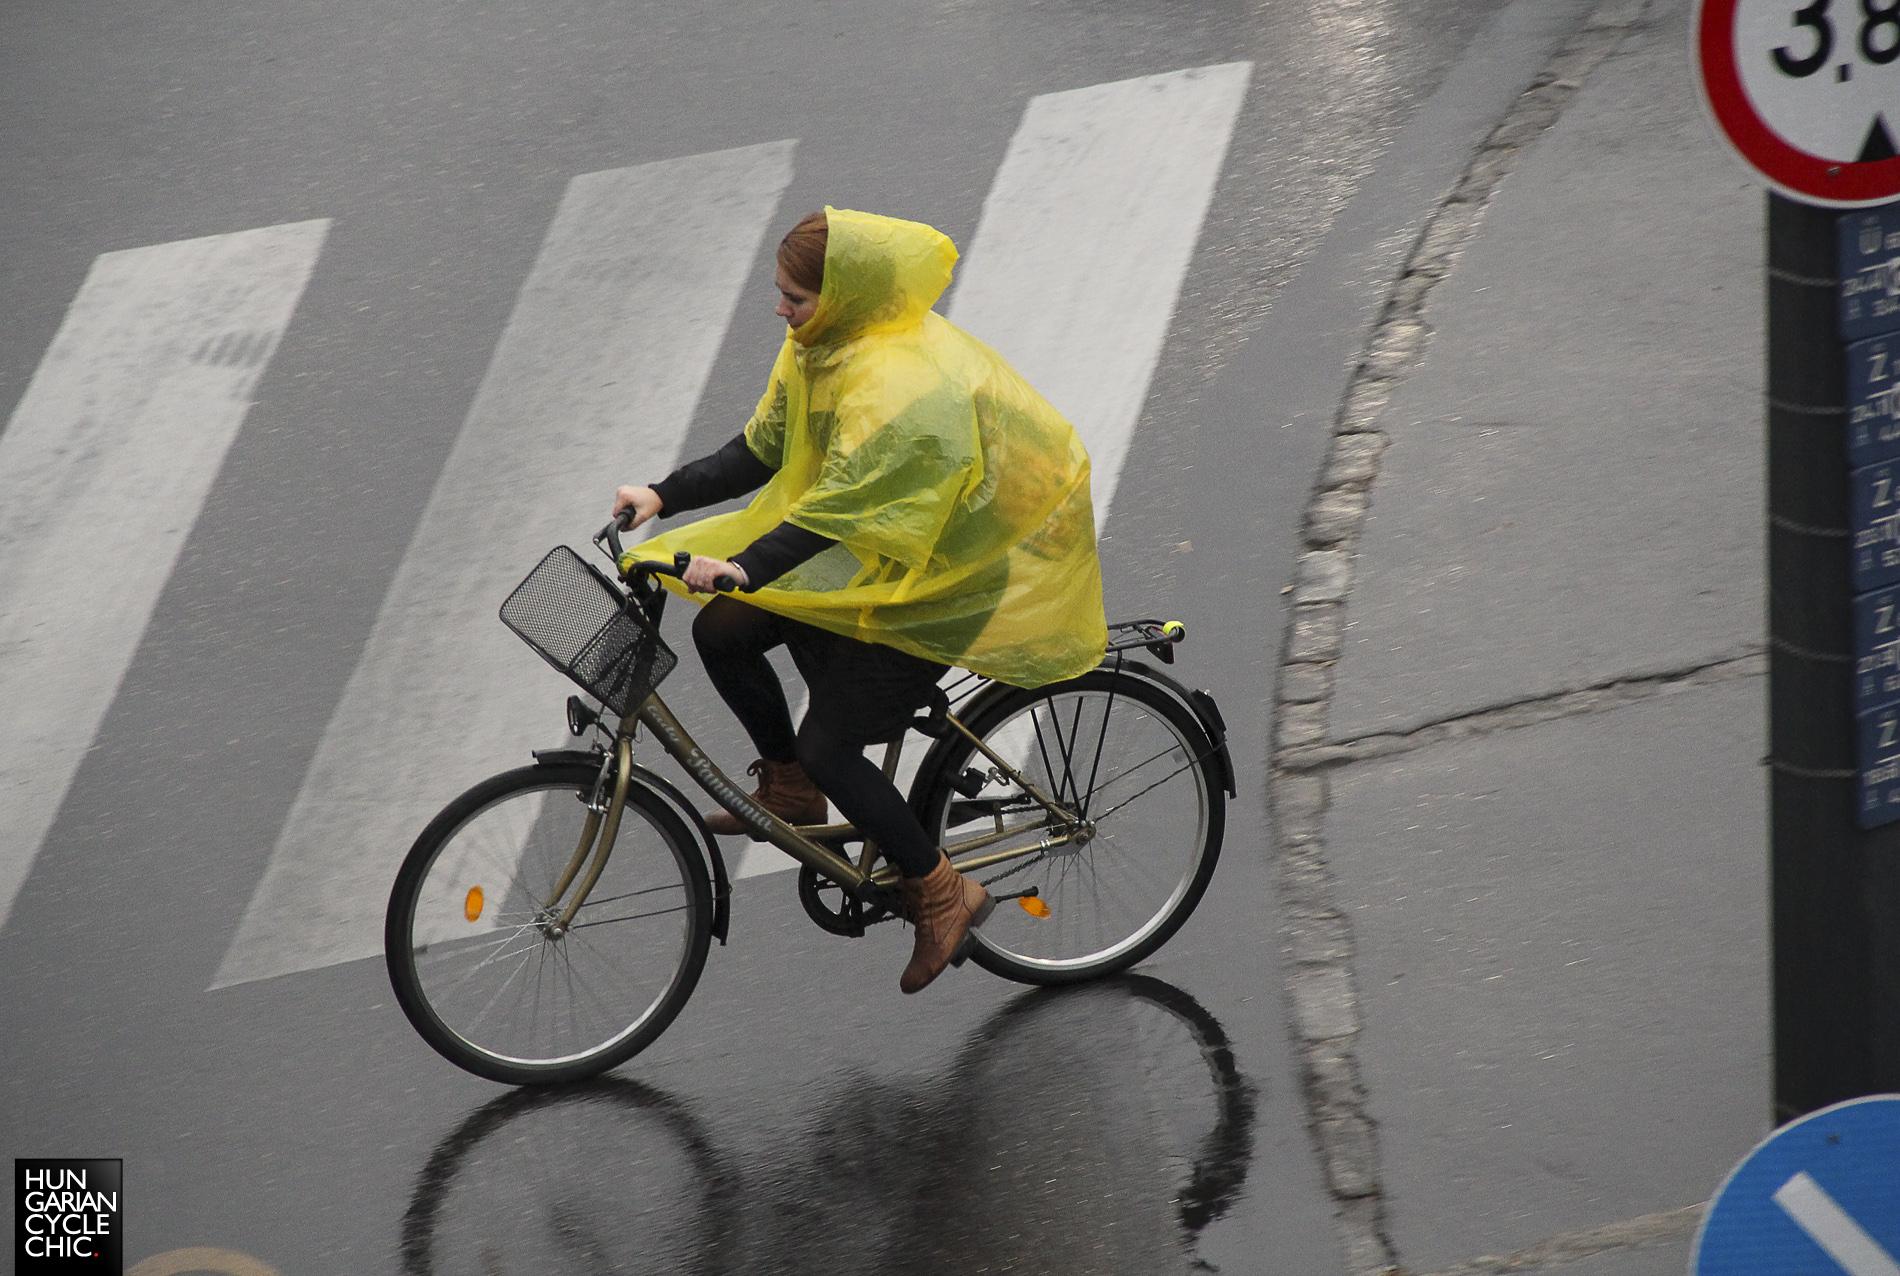 Elő az esőkabátot!